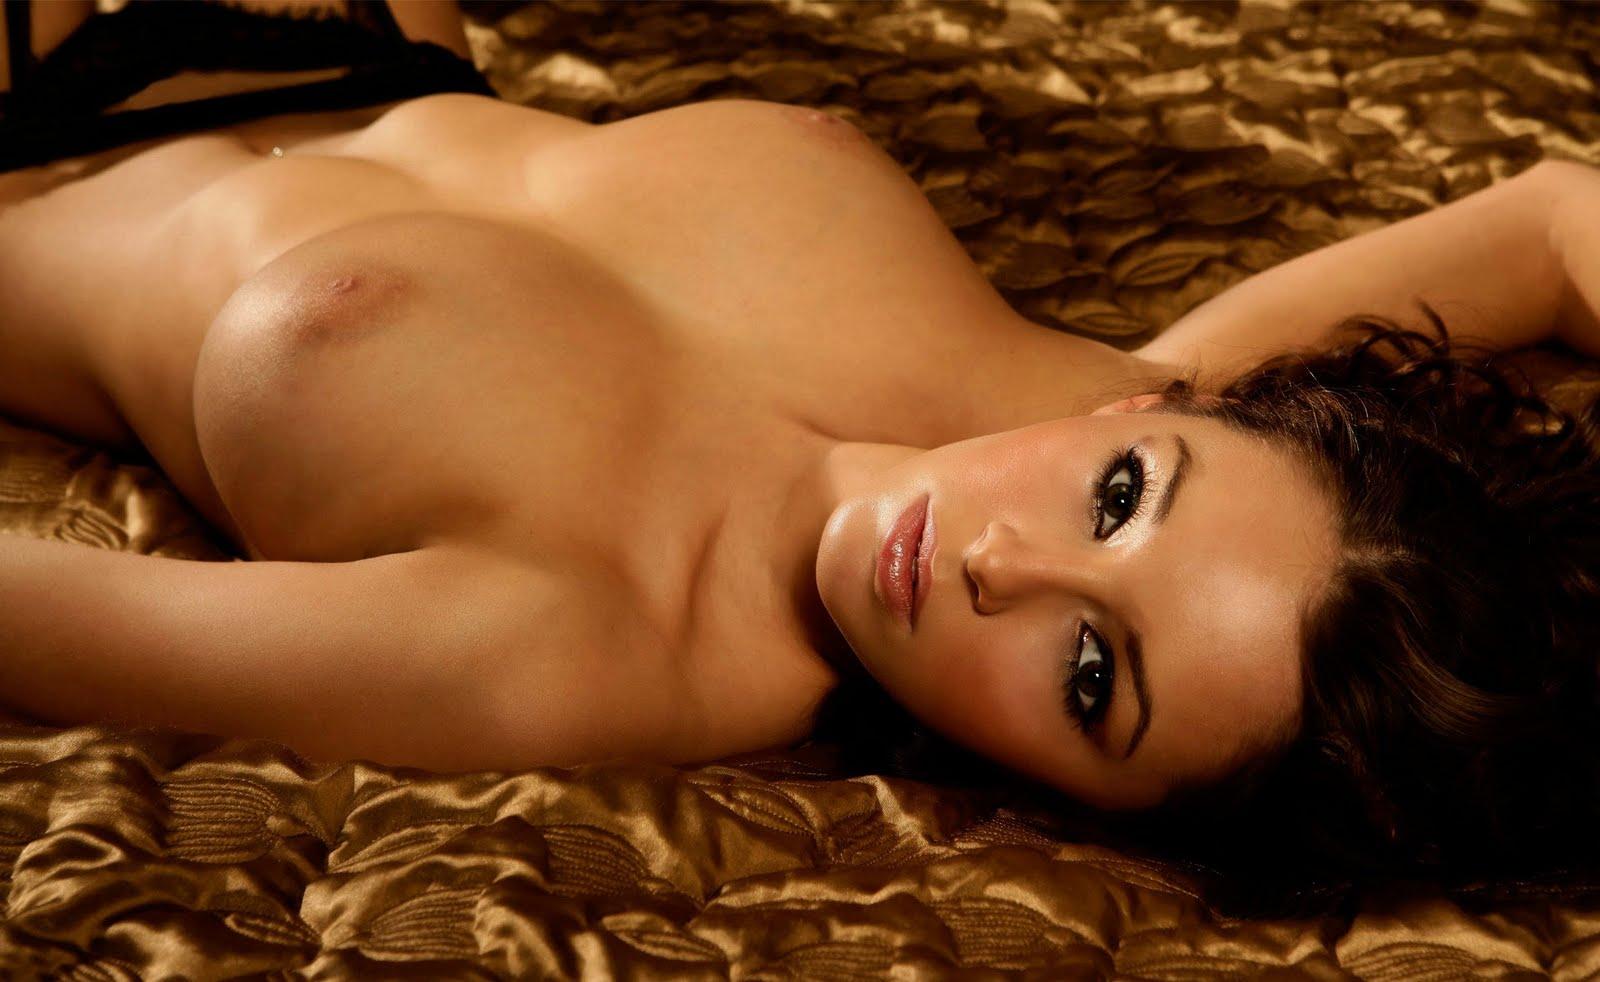 Сексуальные симпатичные девушки мира 10 фотография